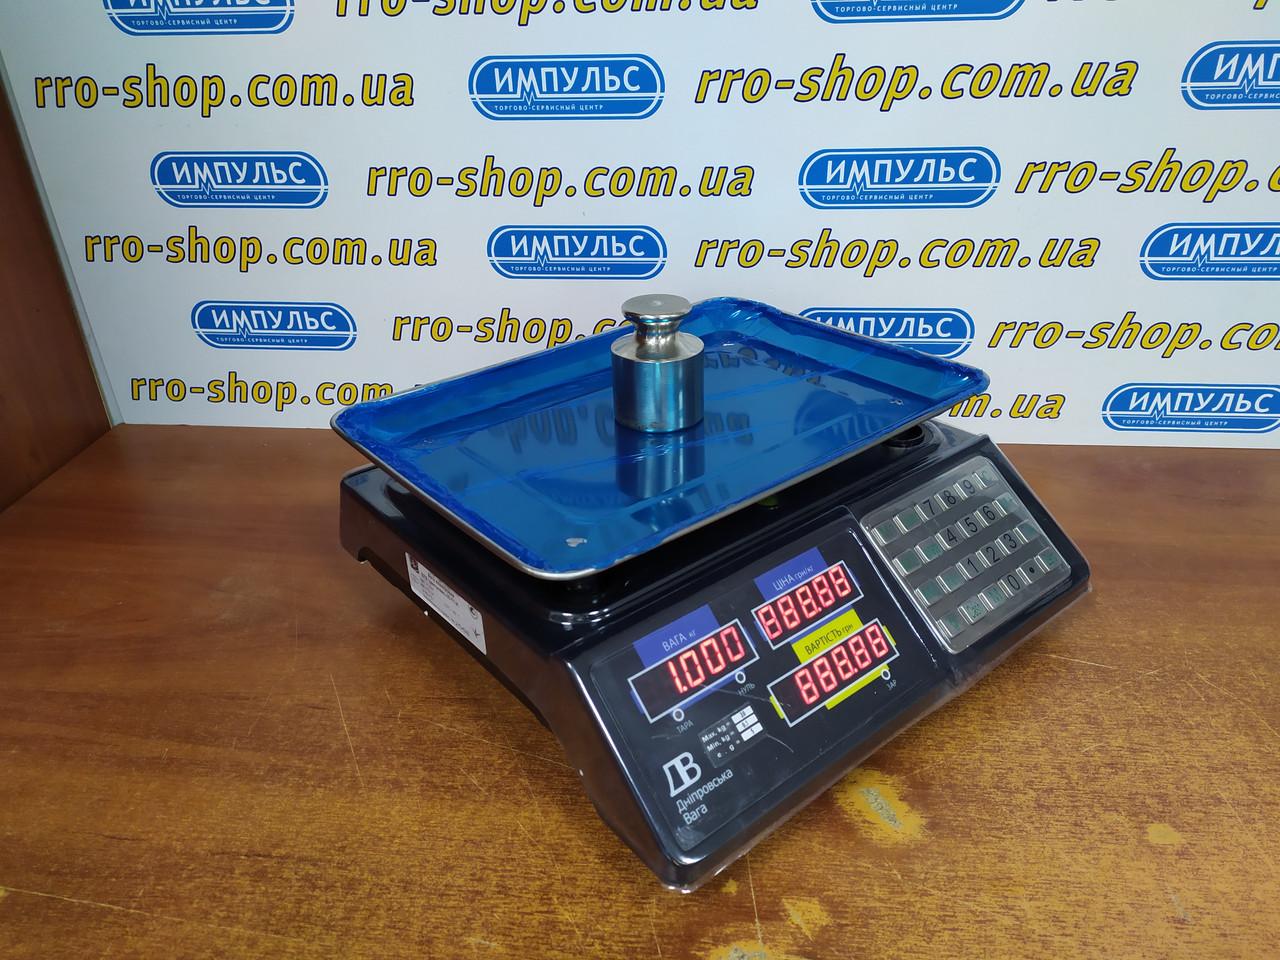 Весы торговые ВТЕ-Центровес-15Т1-К (6, 15, 30 кг)